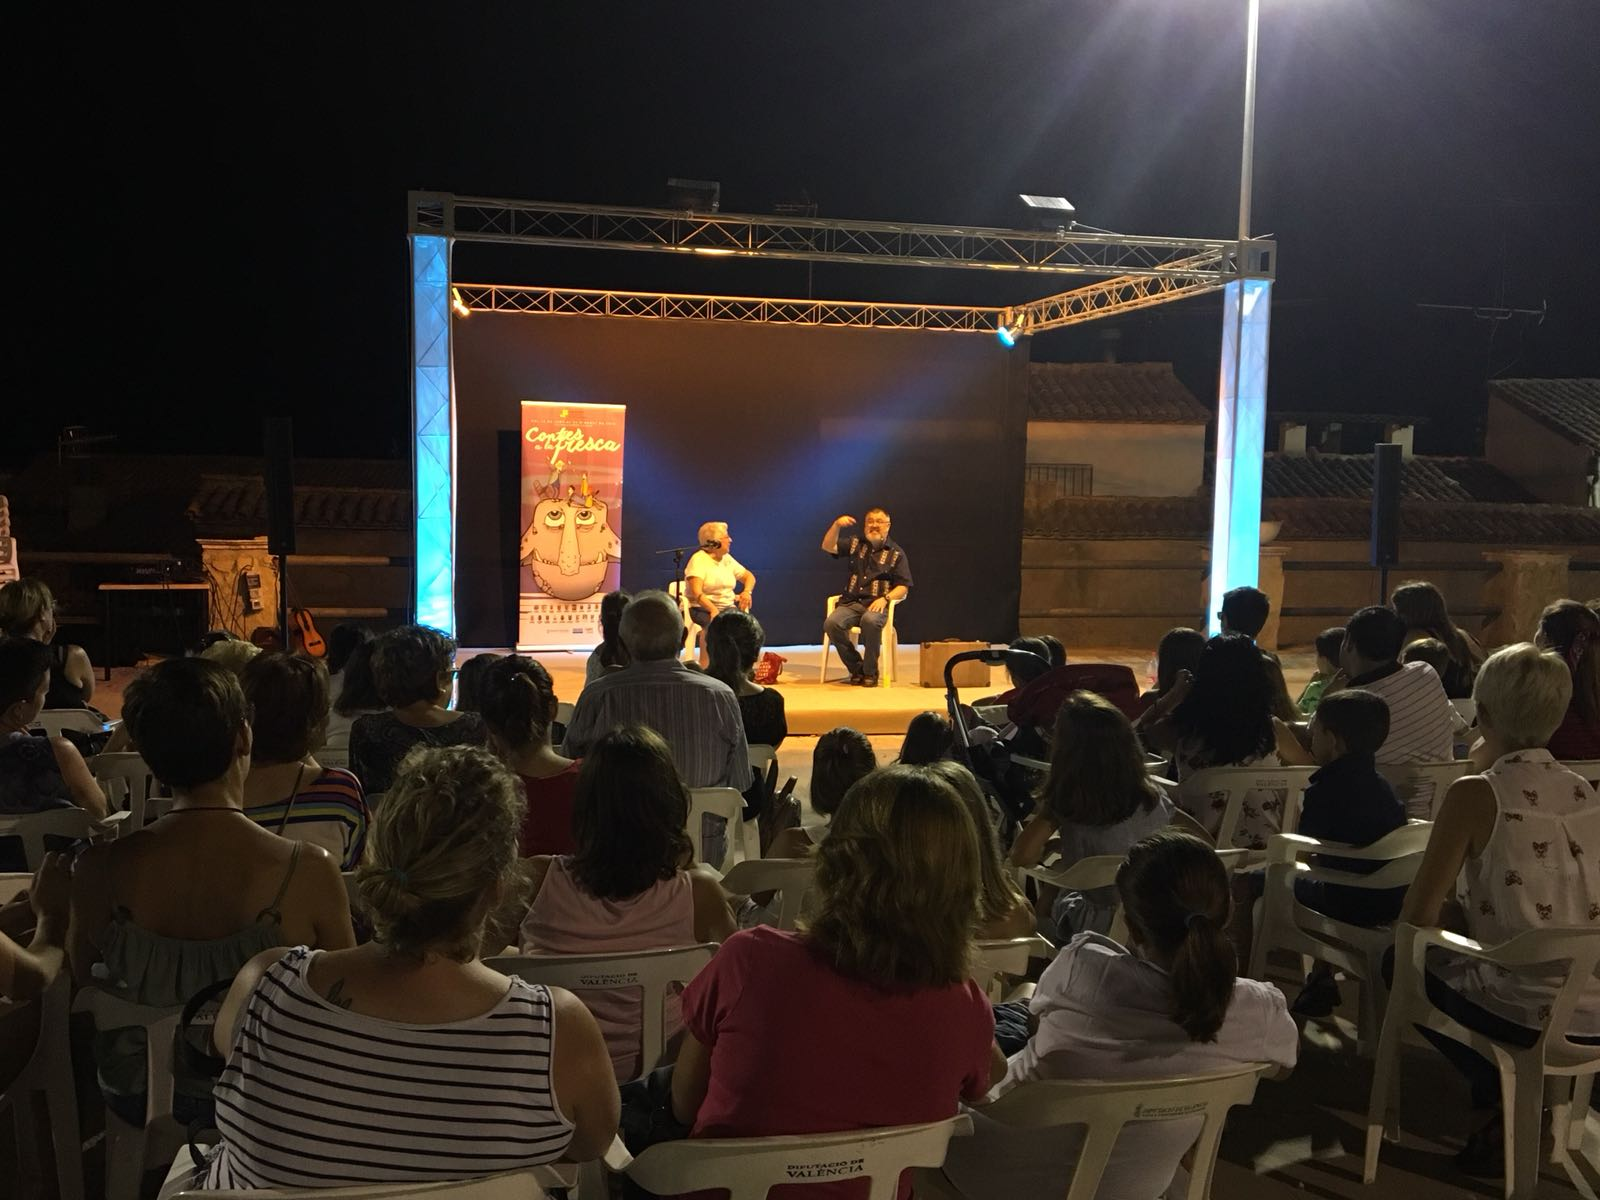 La tradició de la narrativa oral continua a la Vall d'Albaida amb 'Contes a la Fresca' El Periòdic d'Ontinyent - Noticies a Ontinyent